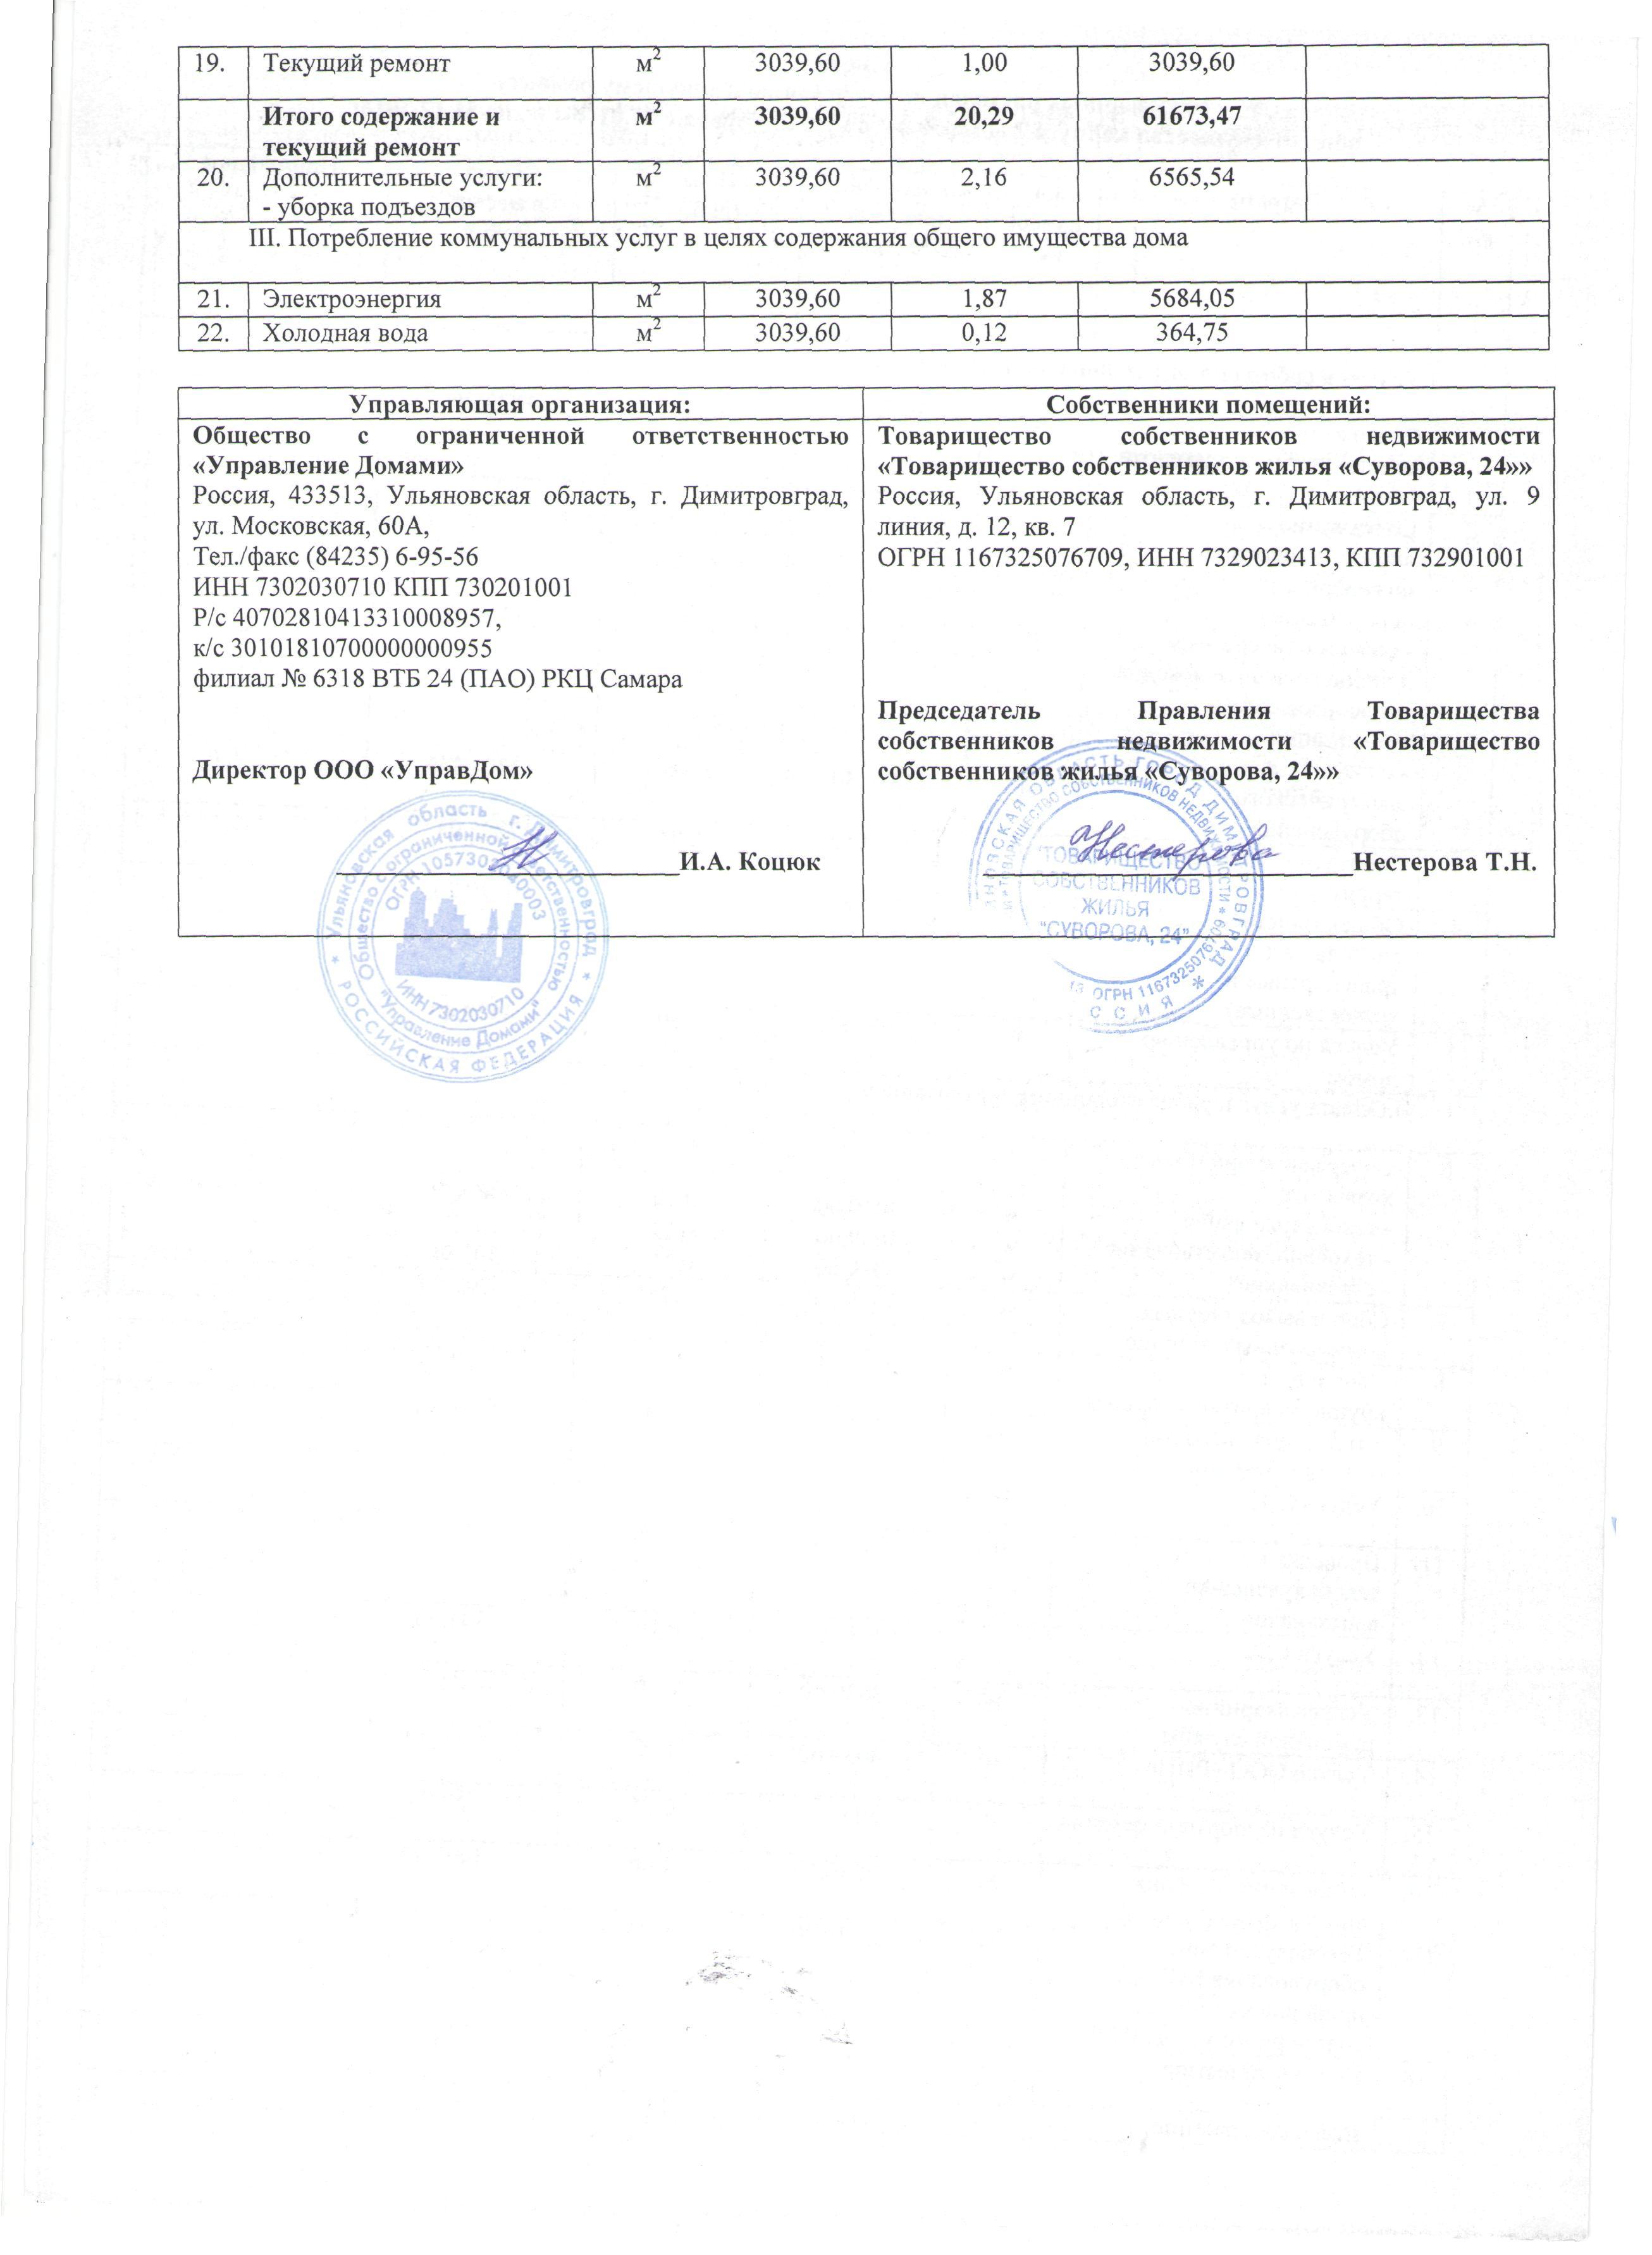 Смета СИТР 24к2 2018 - 2